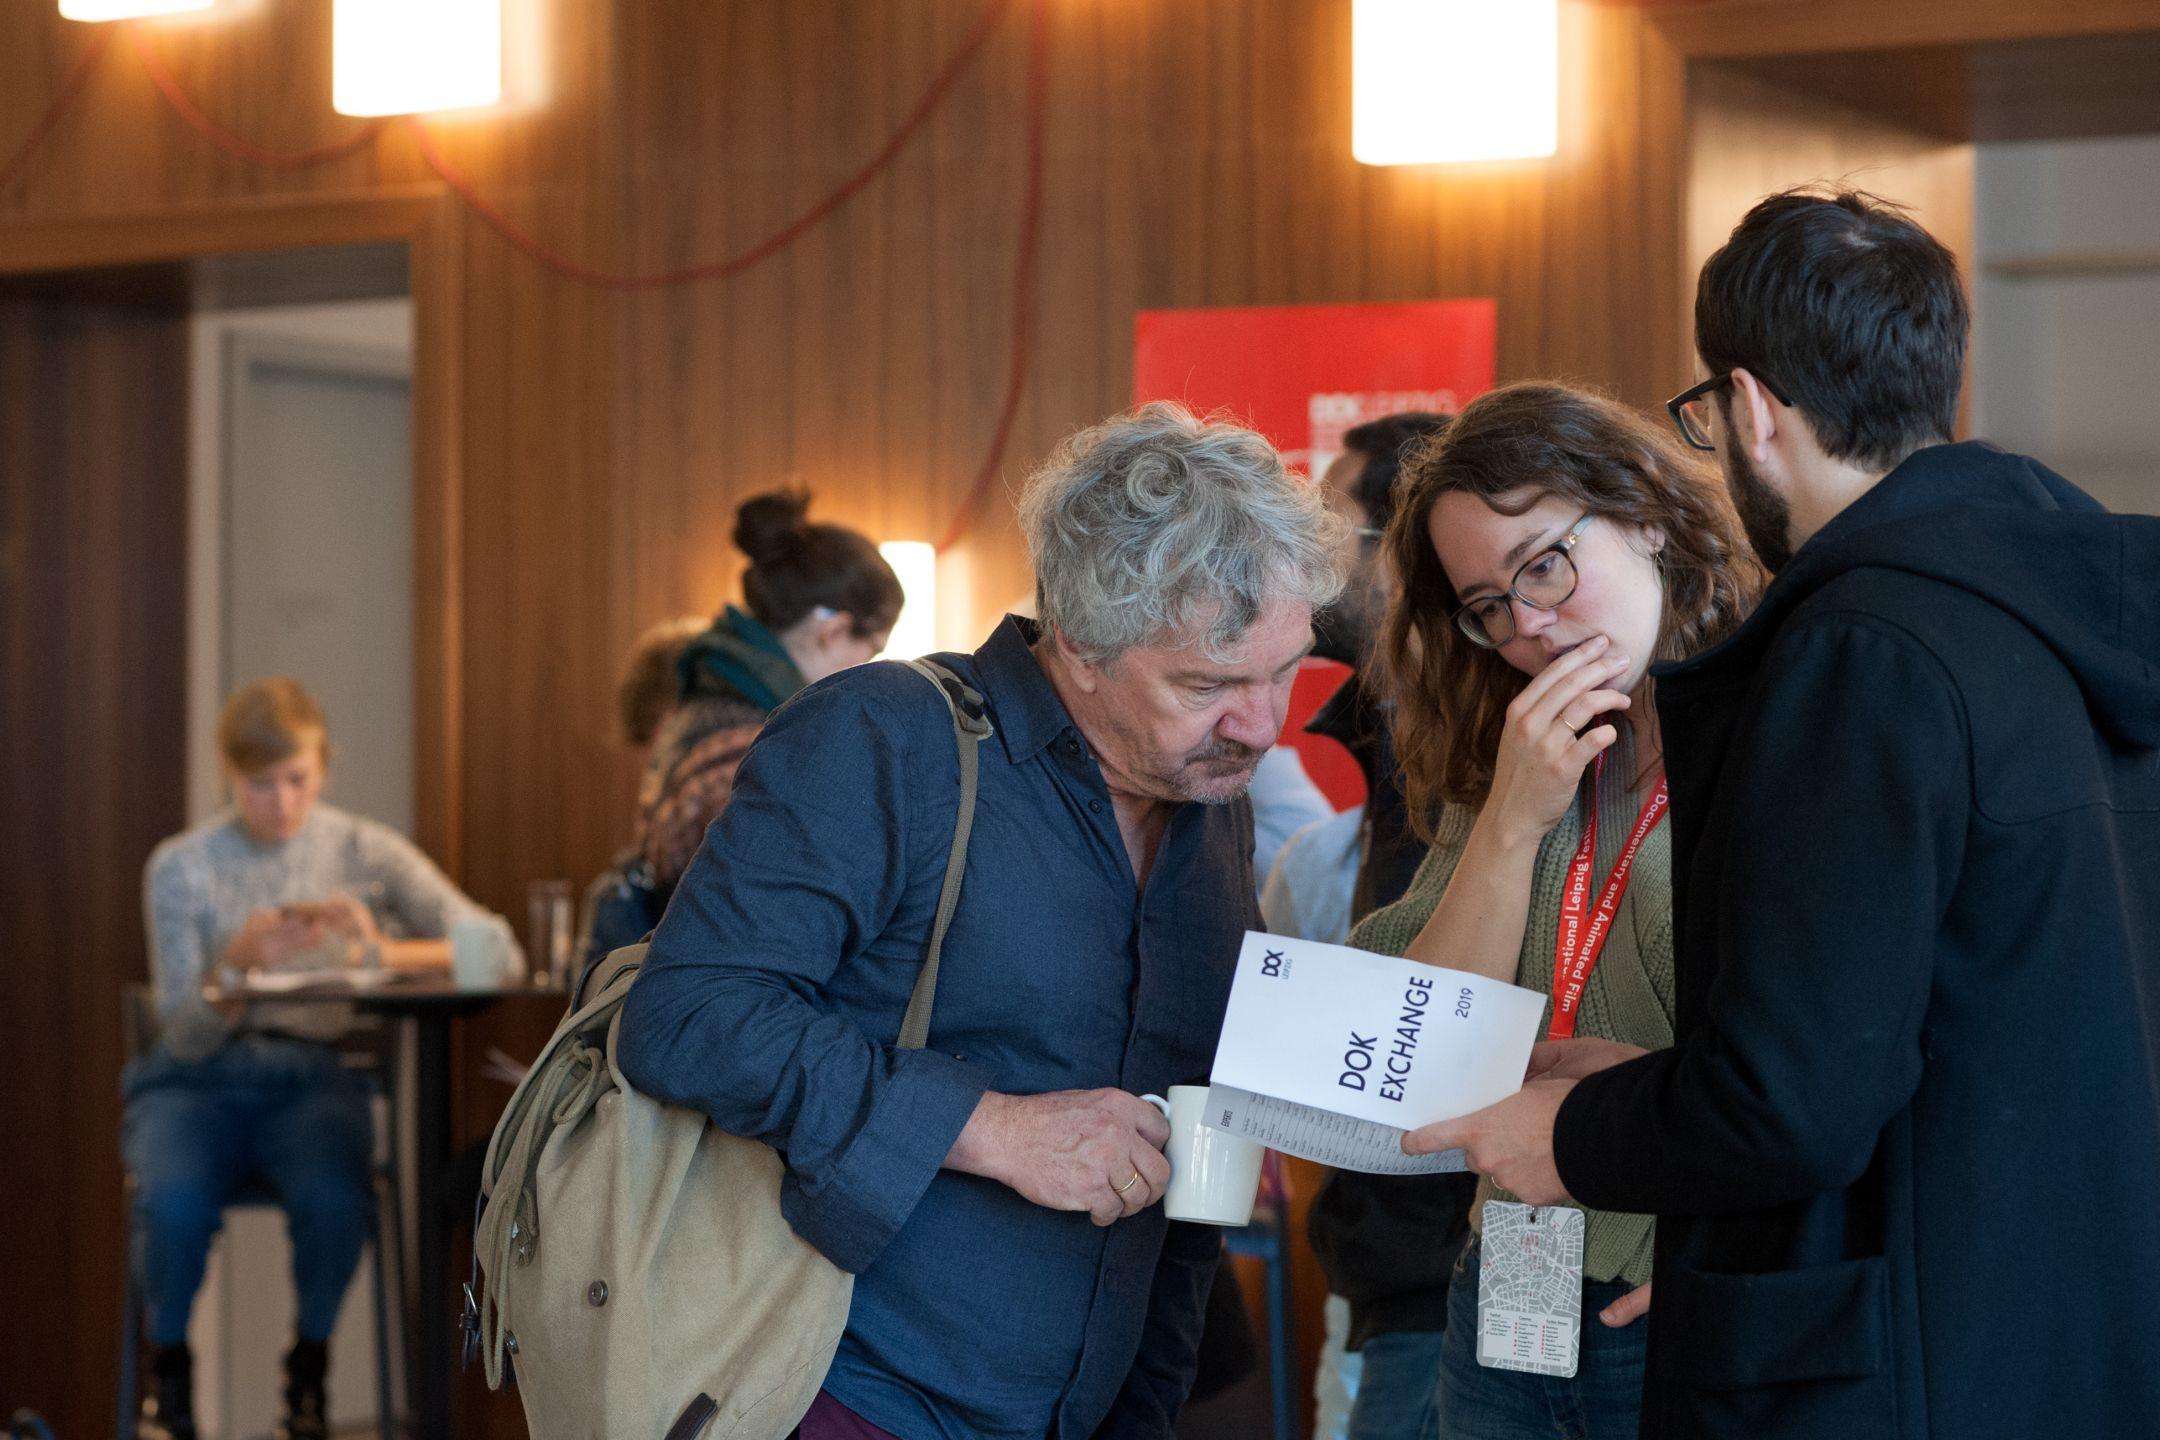 Zwei Männder und eine Frau schauen gemeinsam in ein Programmheft zu DOK Exchange